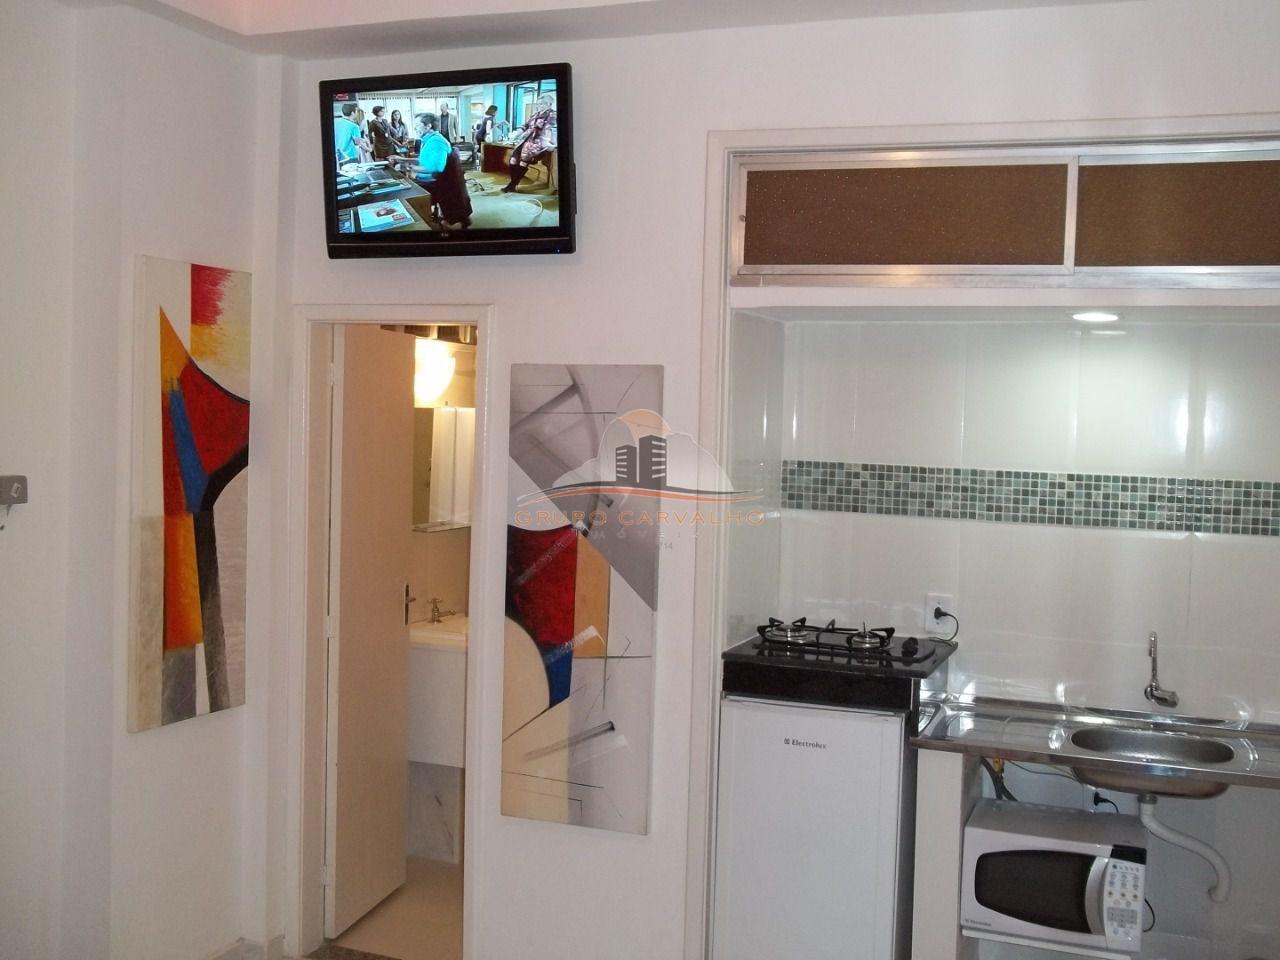 Kitnet/Conjugado 25m² à venda Rua Riachuelo,Rio de Janeiro,RJ - R$ 195.000 - CJI0011 - 15